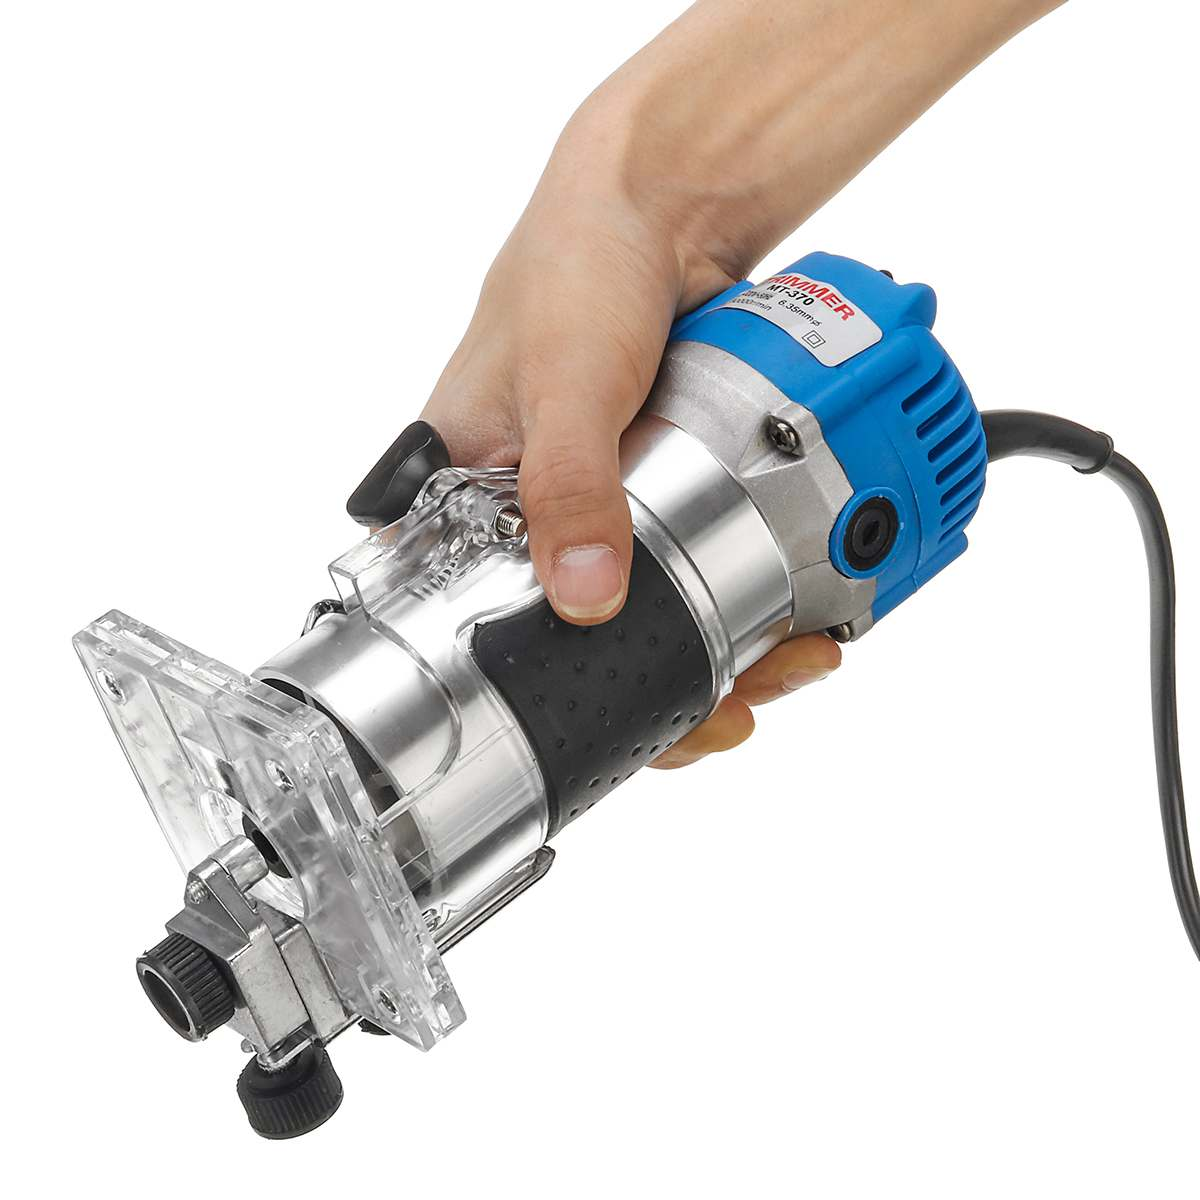 220/110 V tondeuse à main électrique bois stratifié paumes routeur menuisiers menuiserie outil électrique mandrin 6.35mm 1/4